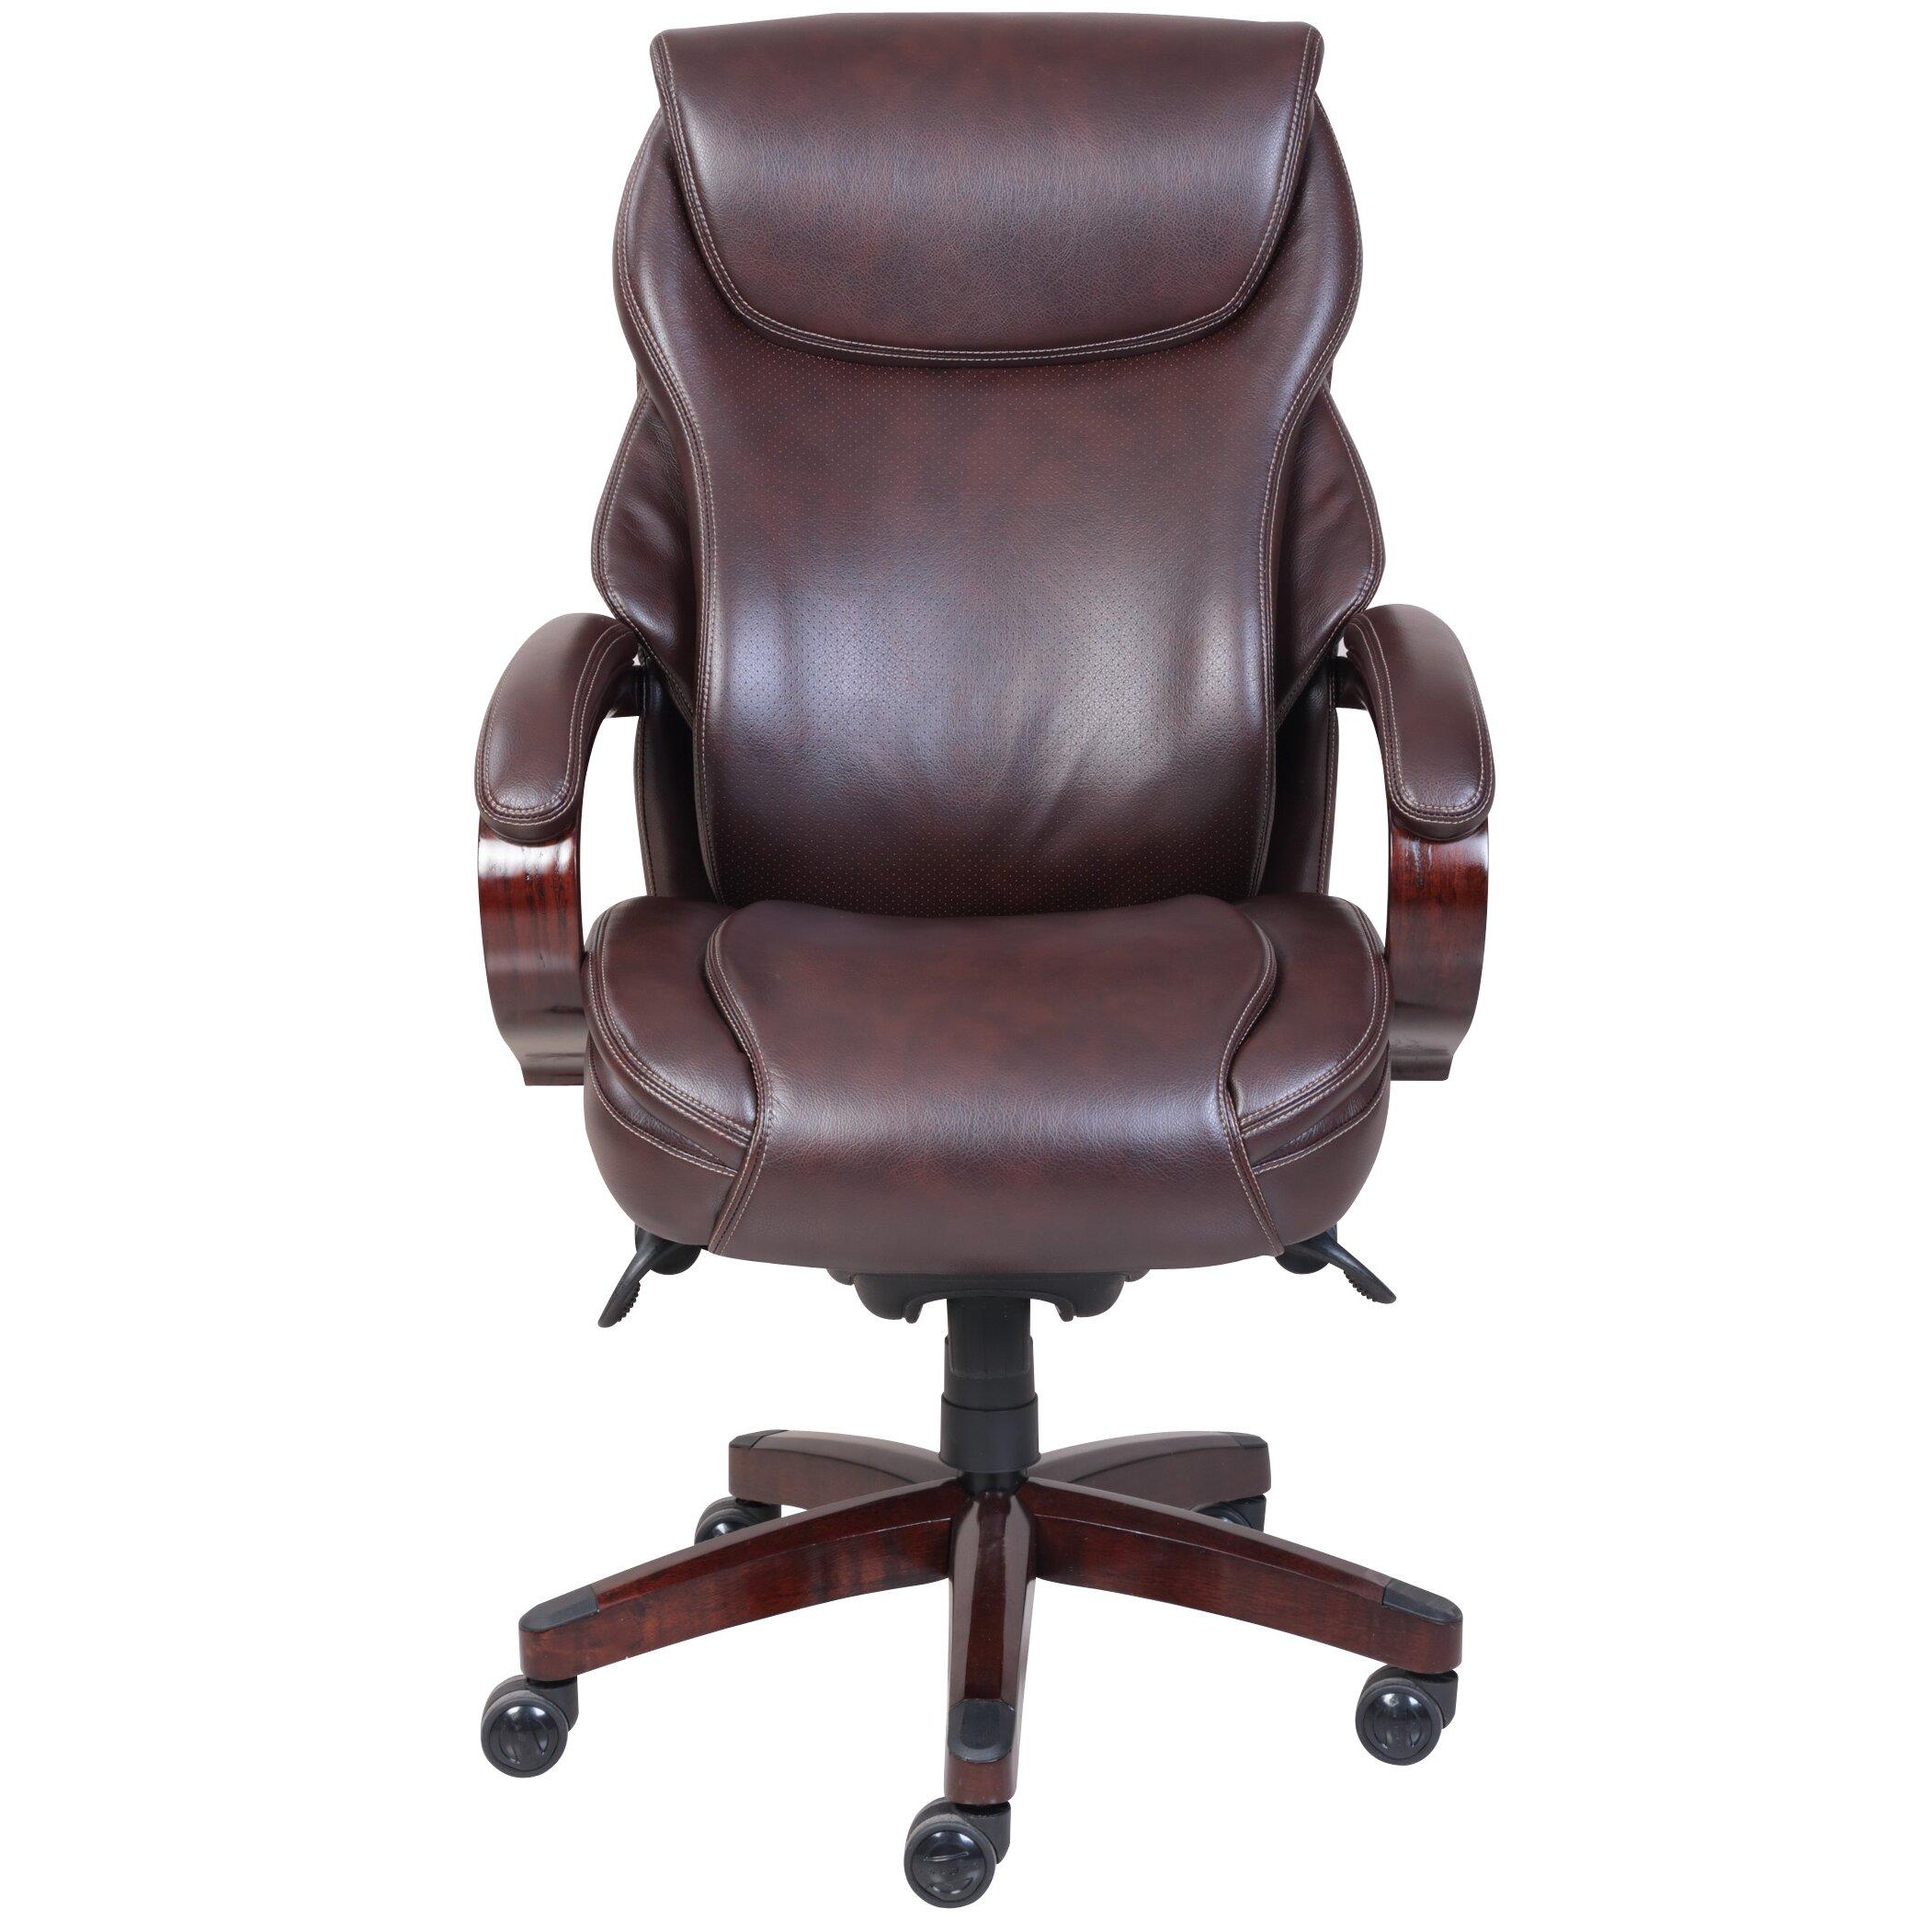 La Z Boy Hyland Executive Chair & Reviews